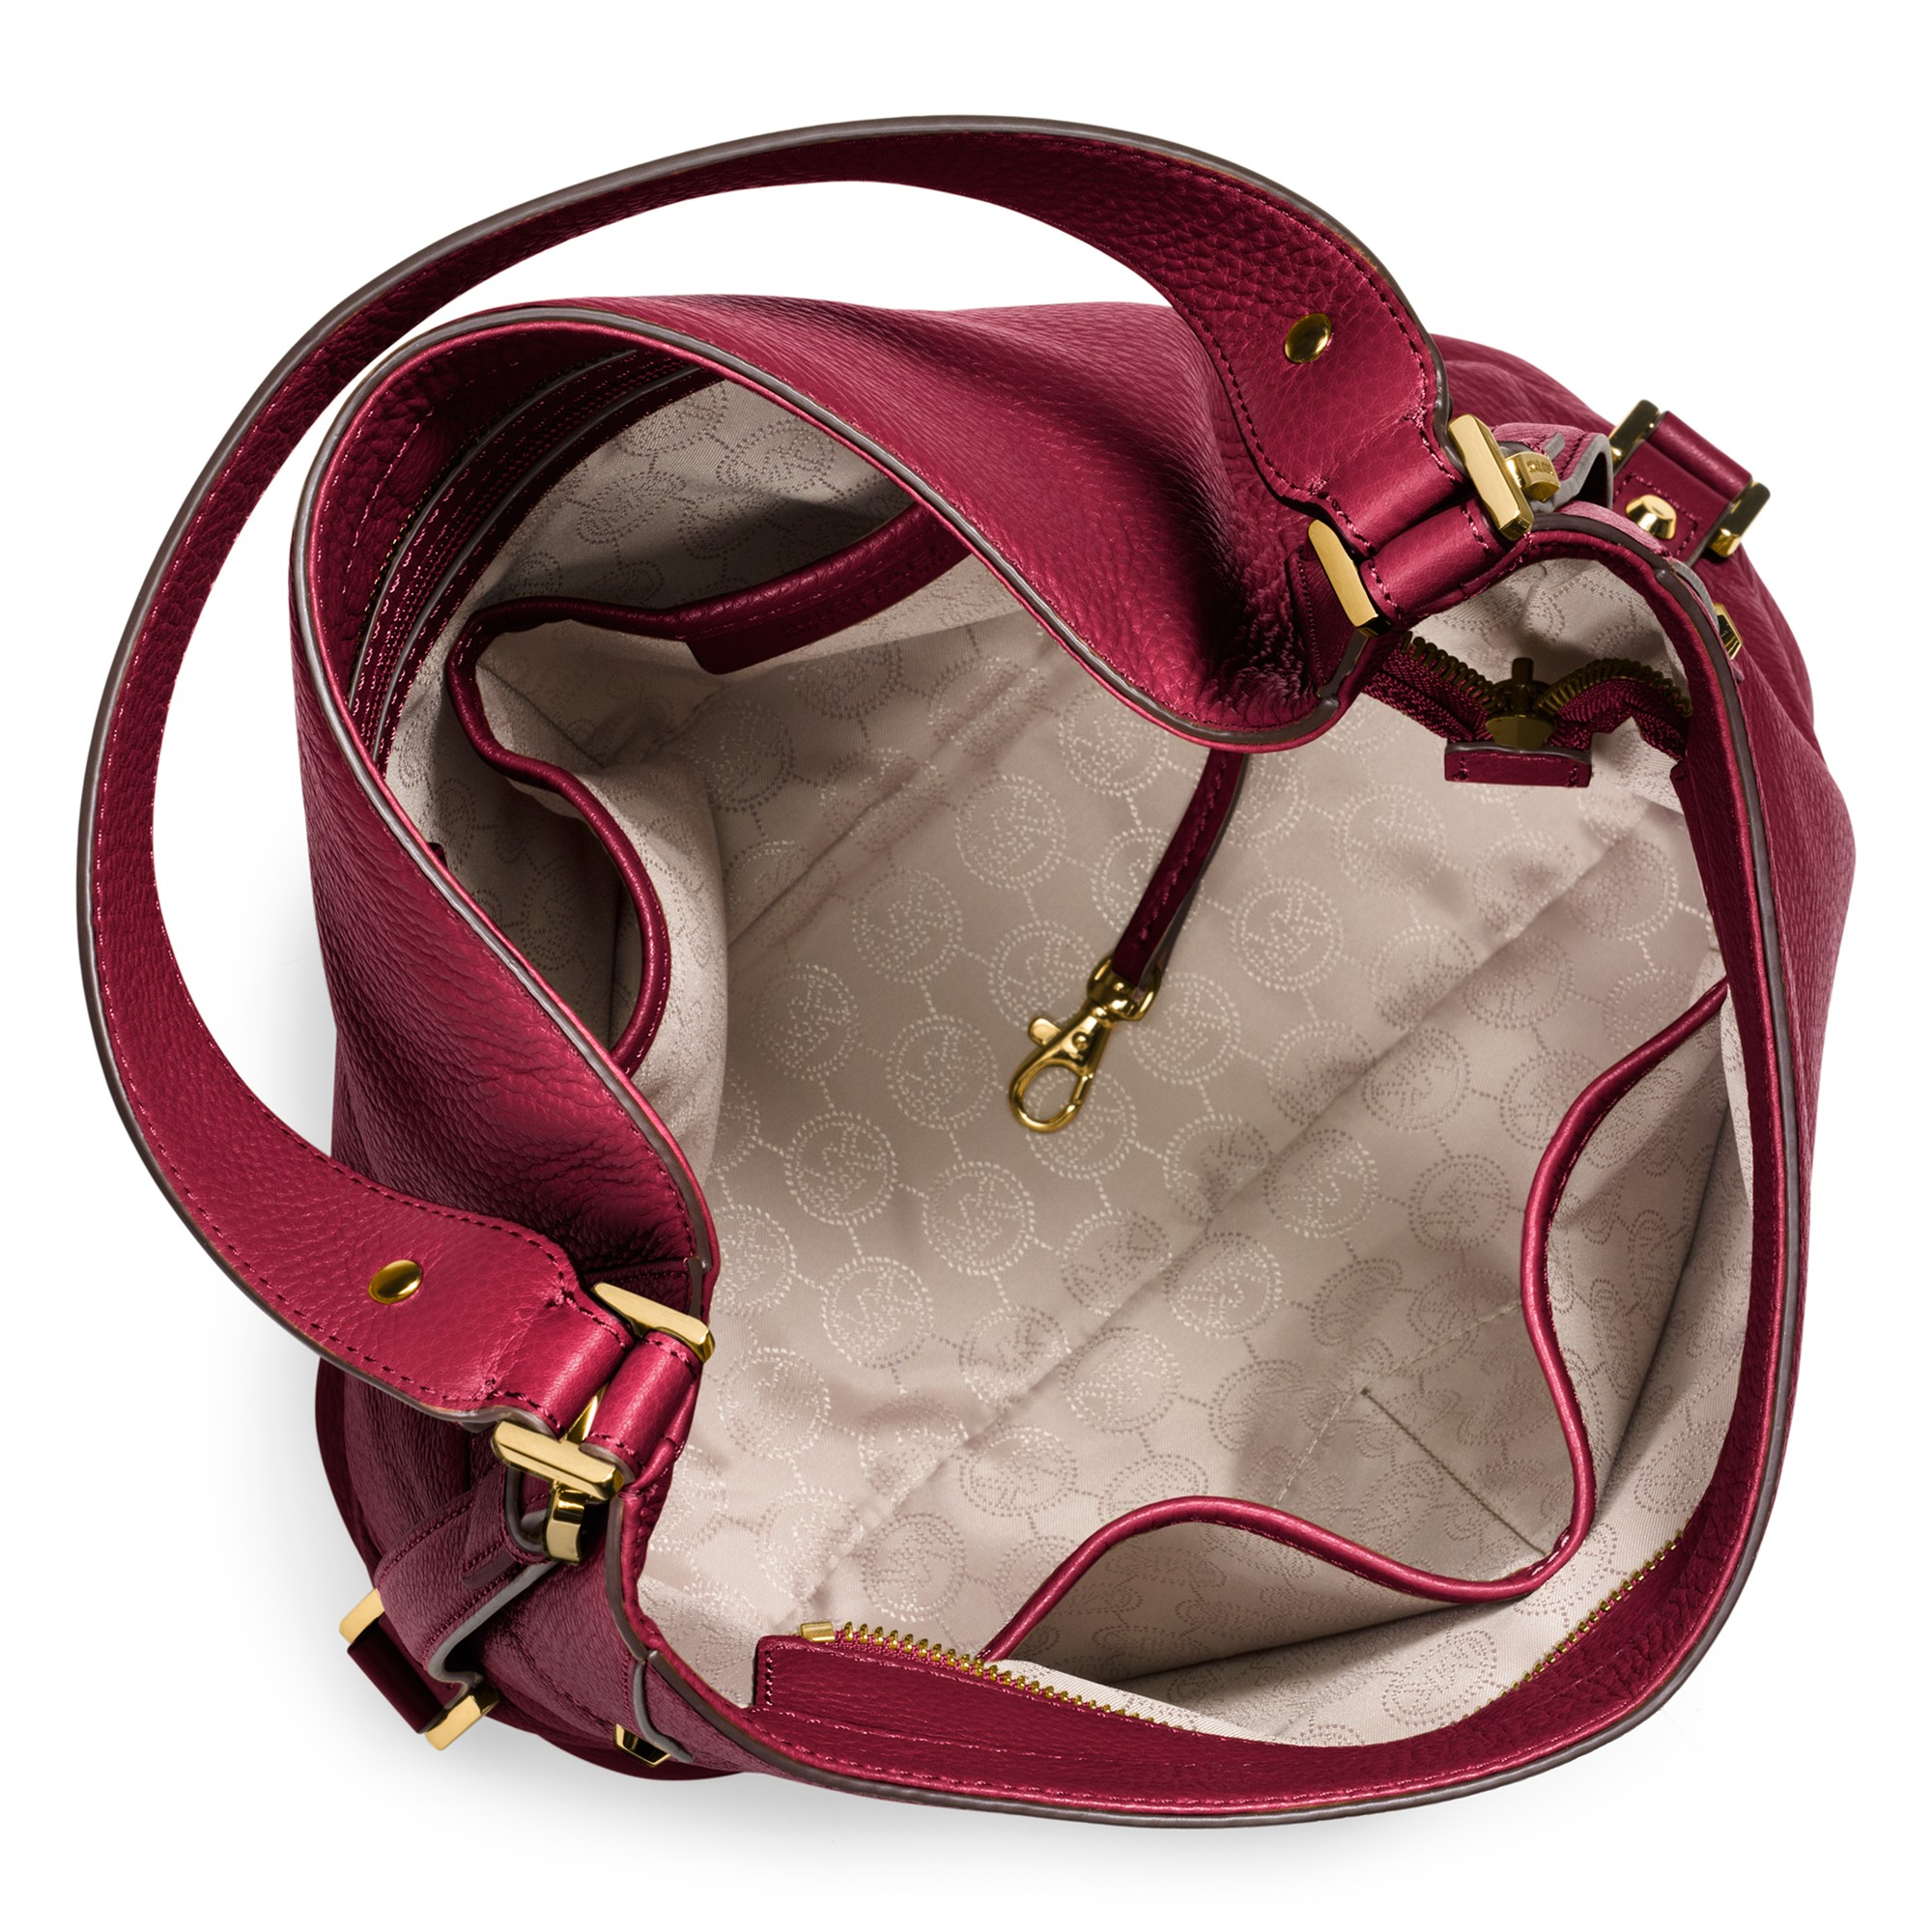 444899e94a ... 50% off michael michael kors bedford belted large leather shoulder bag  in 98257 4939d